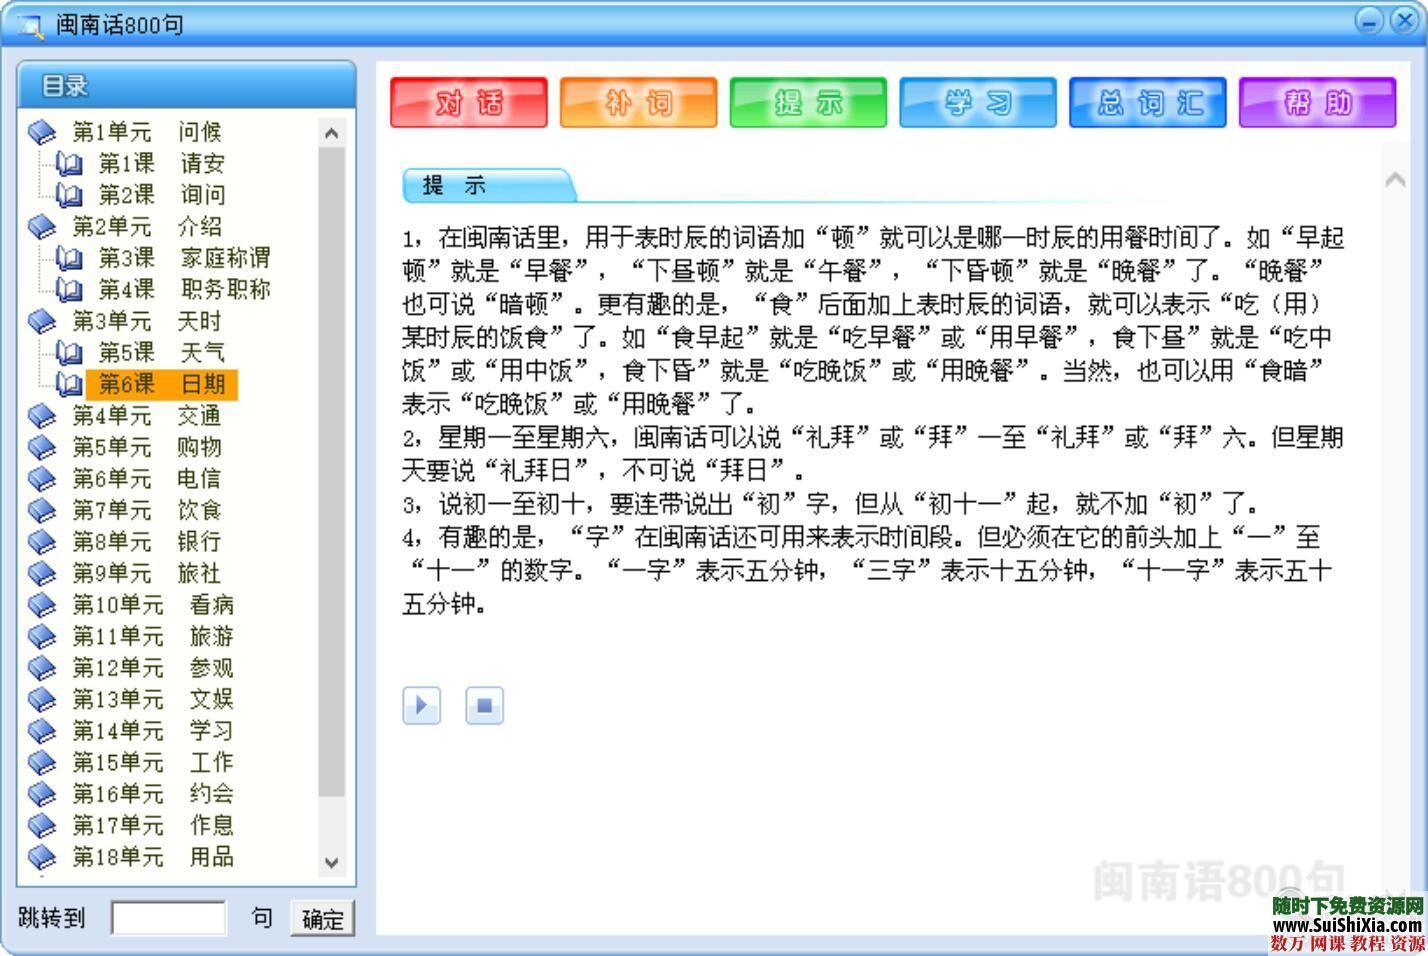 零基础闽南语泉州话厦门话台湾话教程资料全套大量MP3教学速成软件800句 第17张